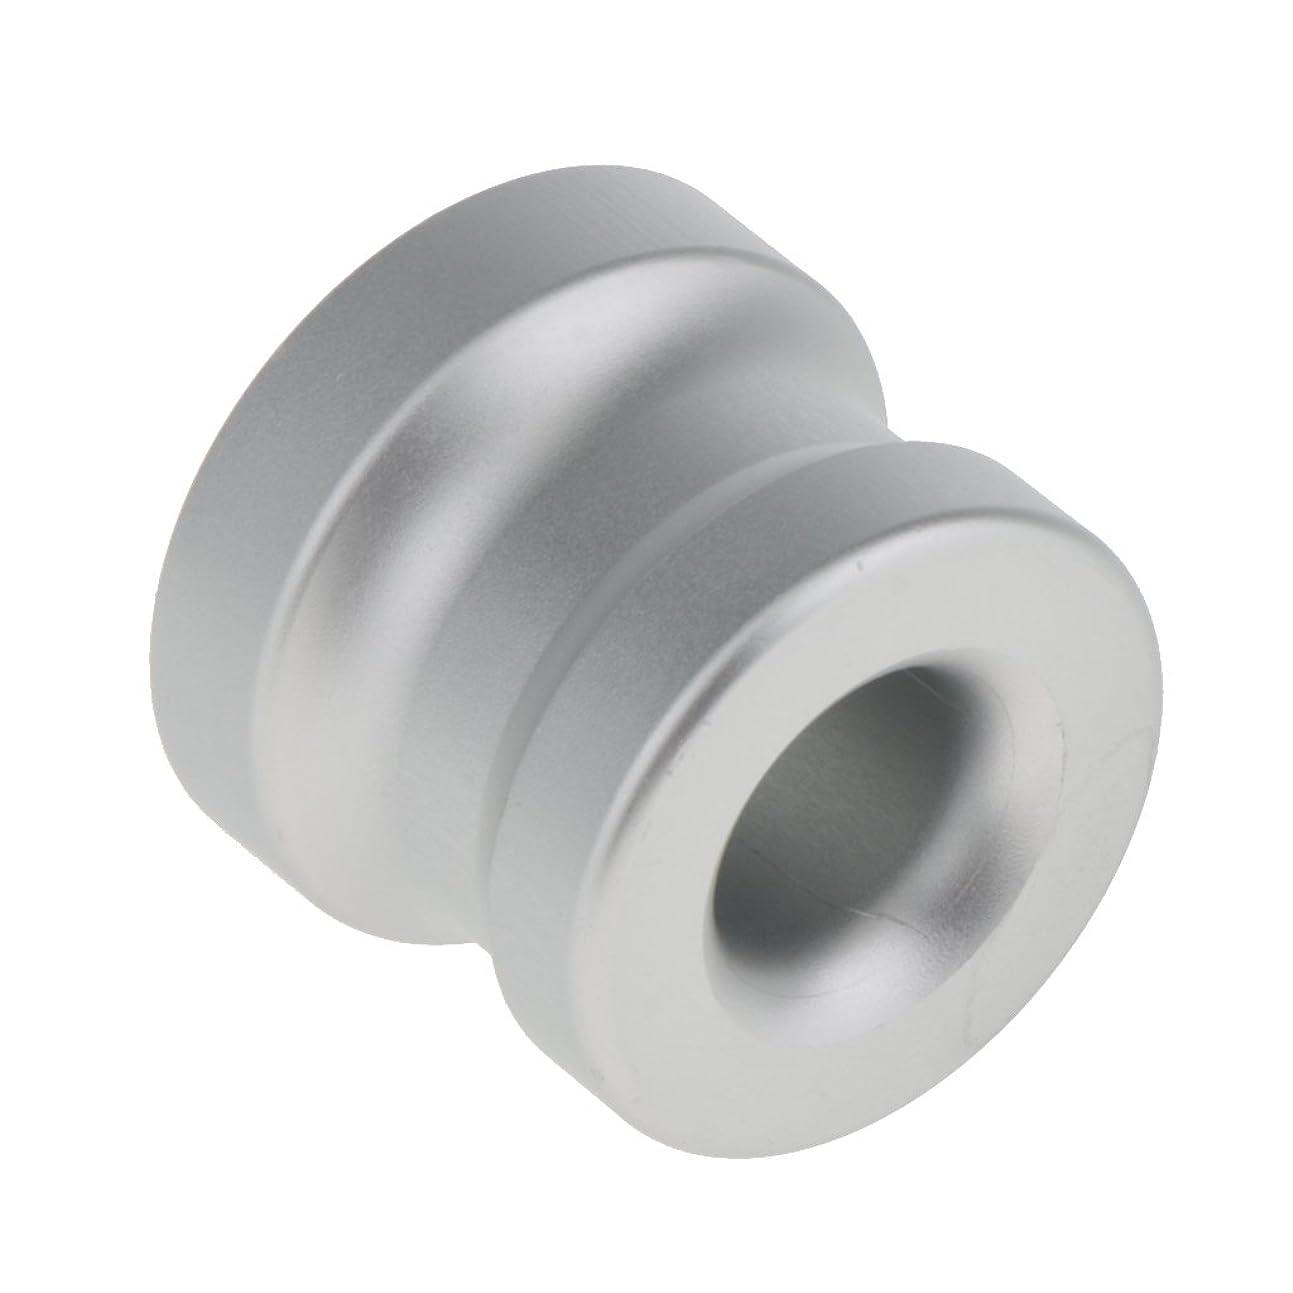 広々手荷物他の場所ミニ亜鉛合金安全シェービングカミソリスタンドホルダー重さベースのバスルーム